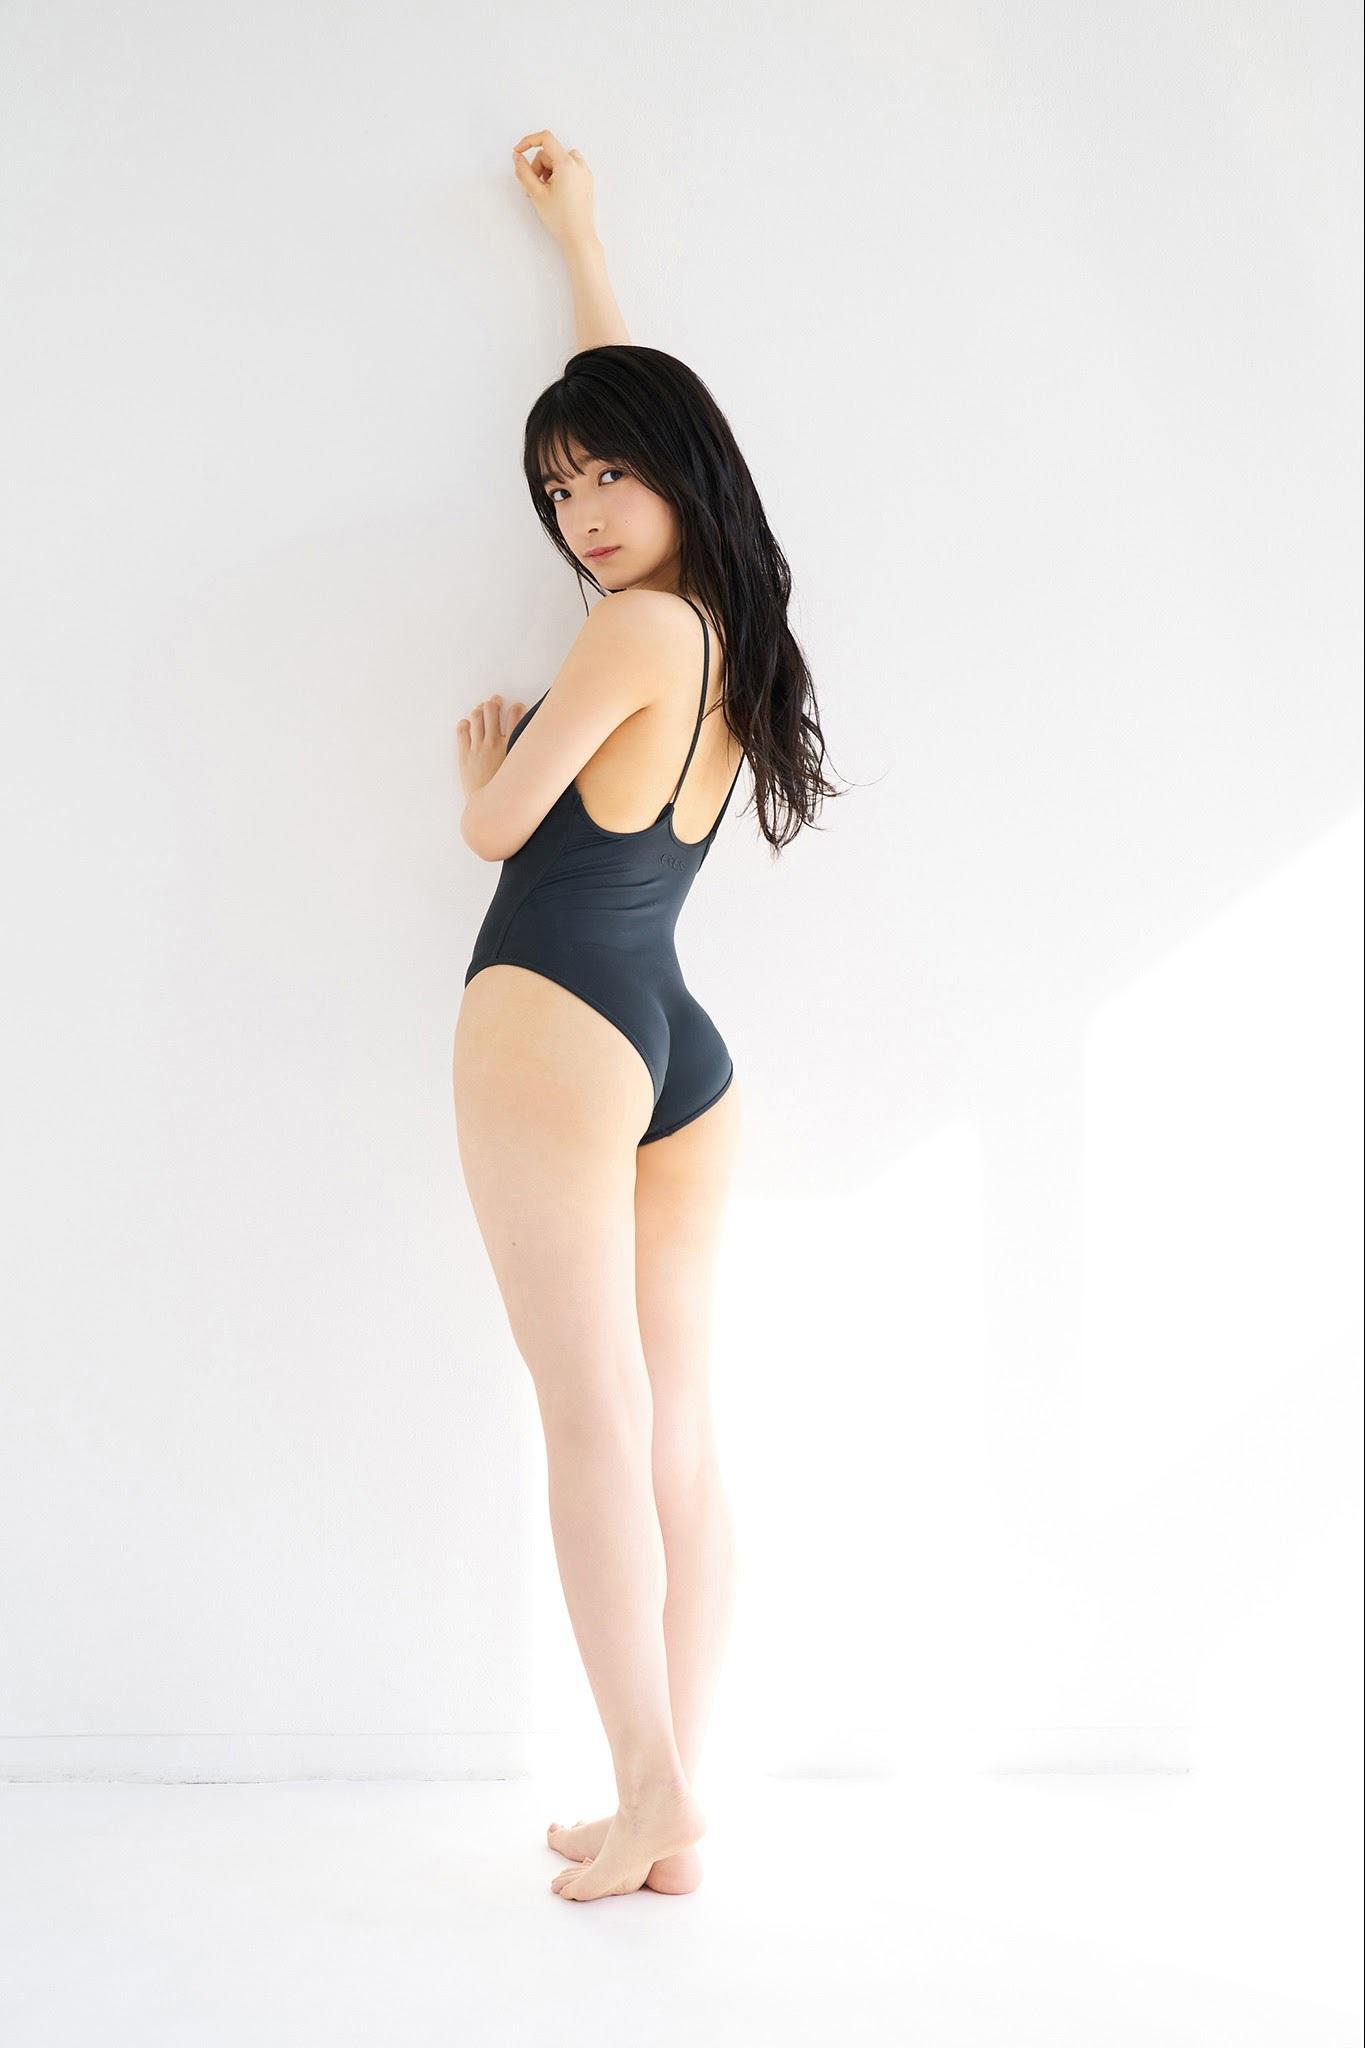 蛭田愛梨42